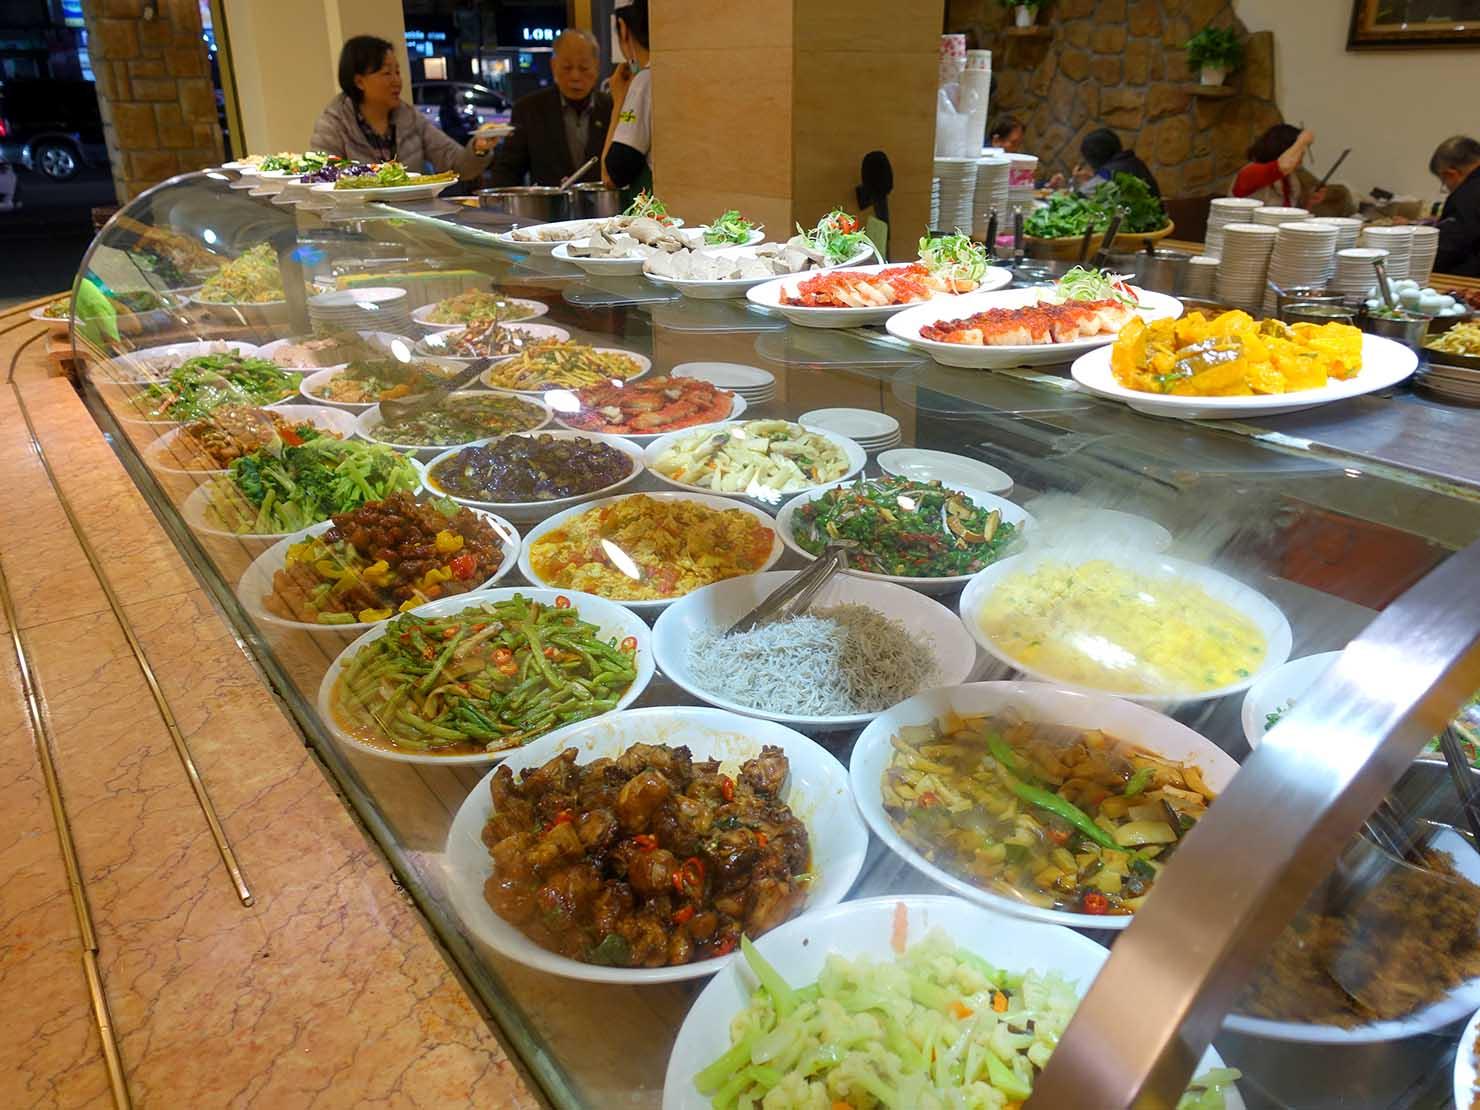 台北・清粥街(お粥街)にある「小李子清粥小菜」の料理が並ぶカウンター